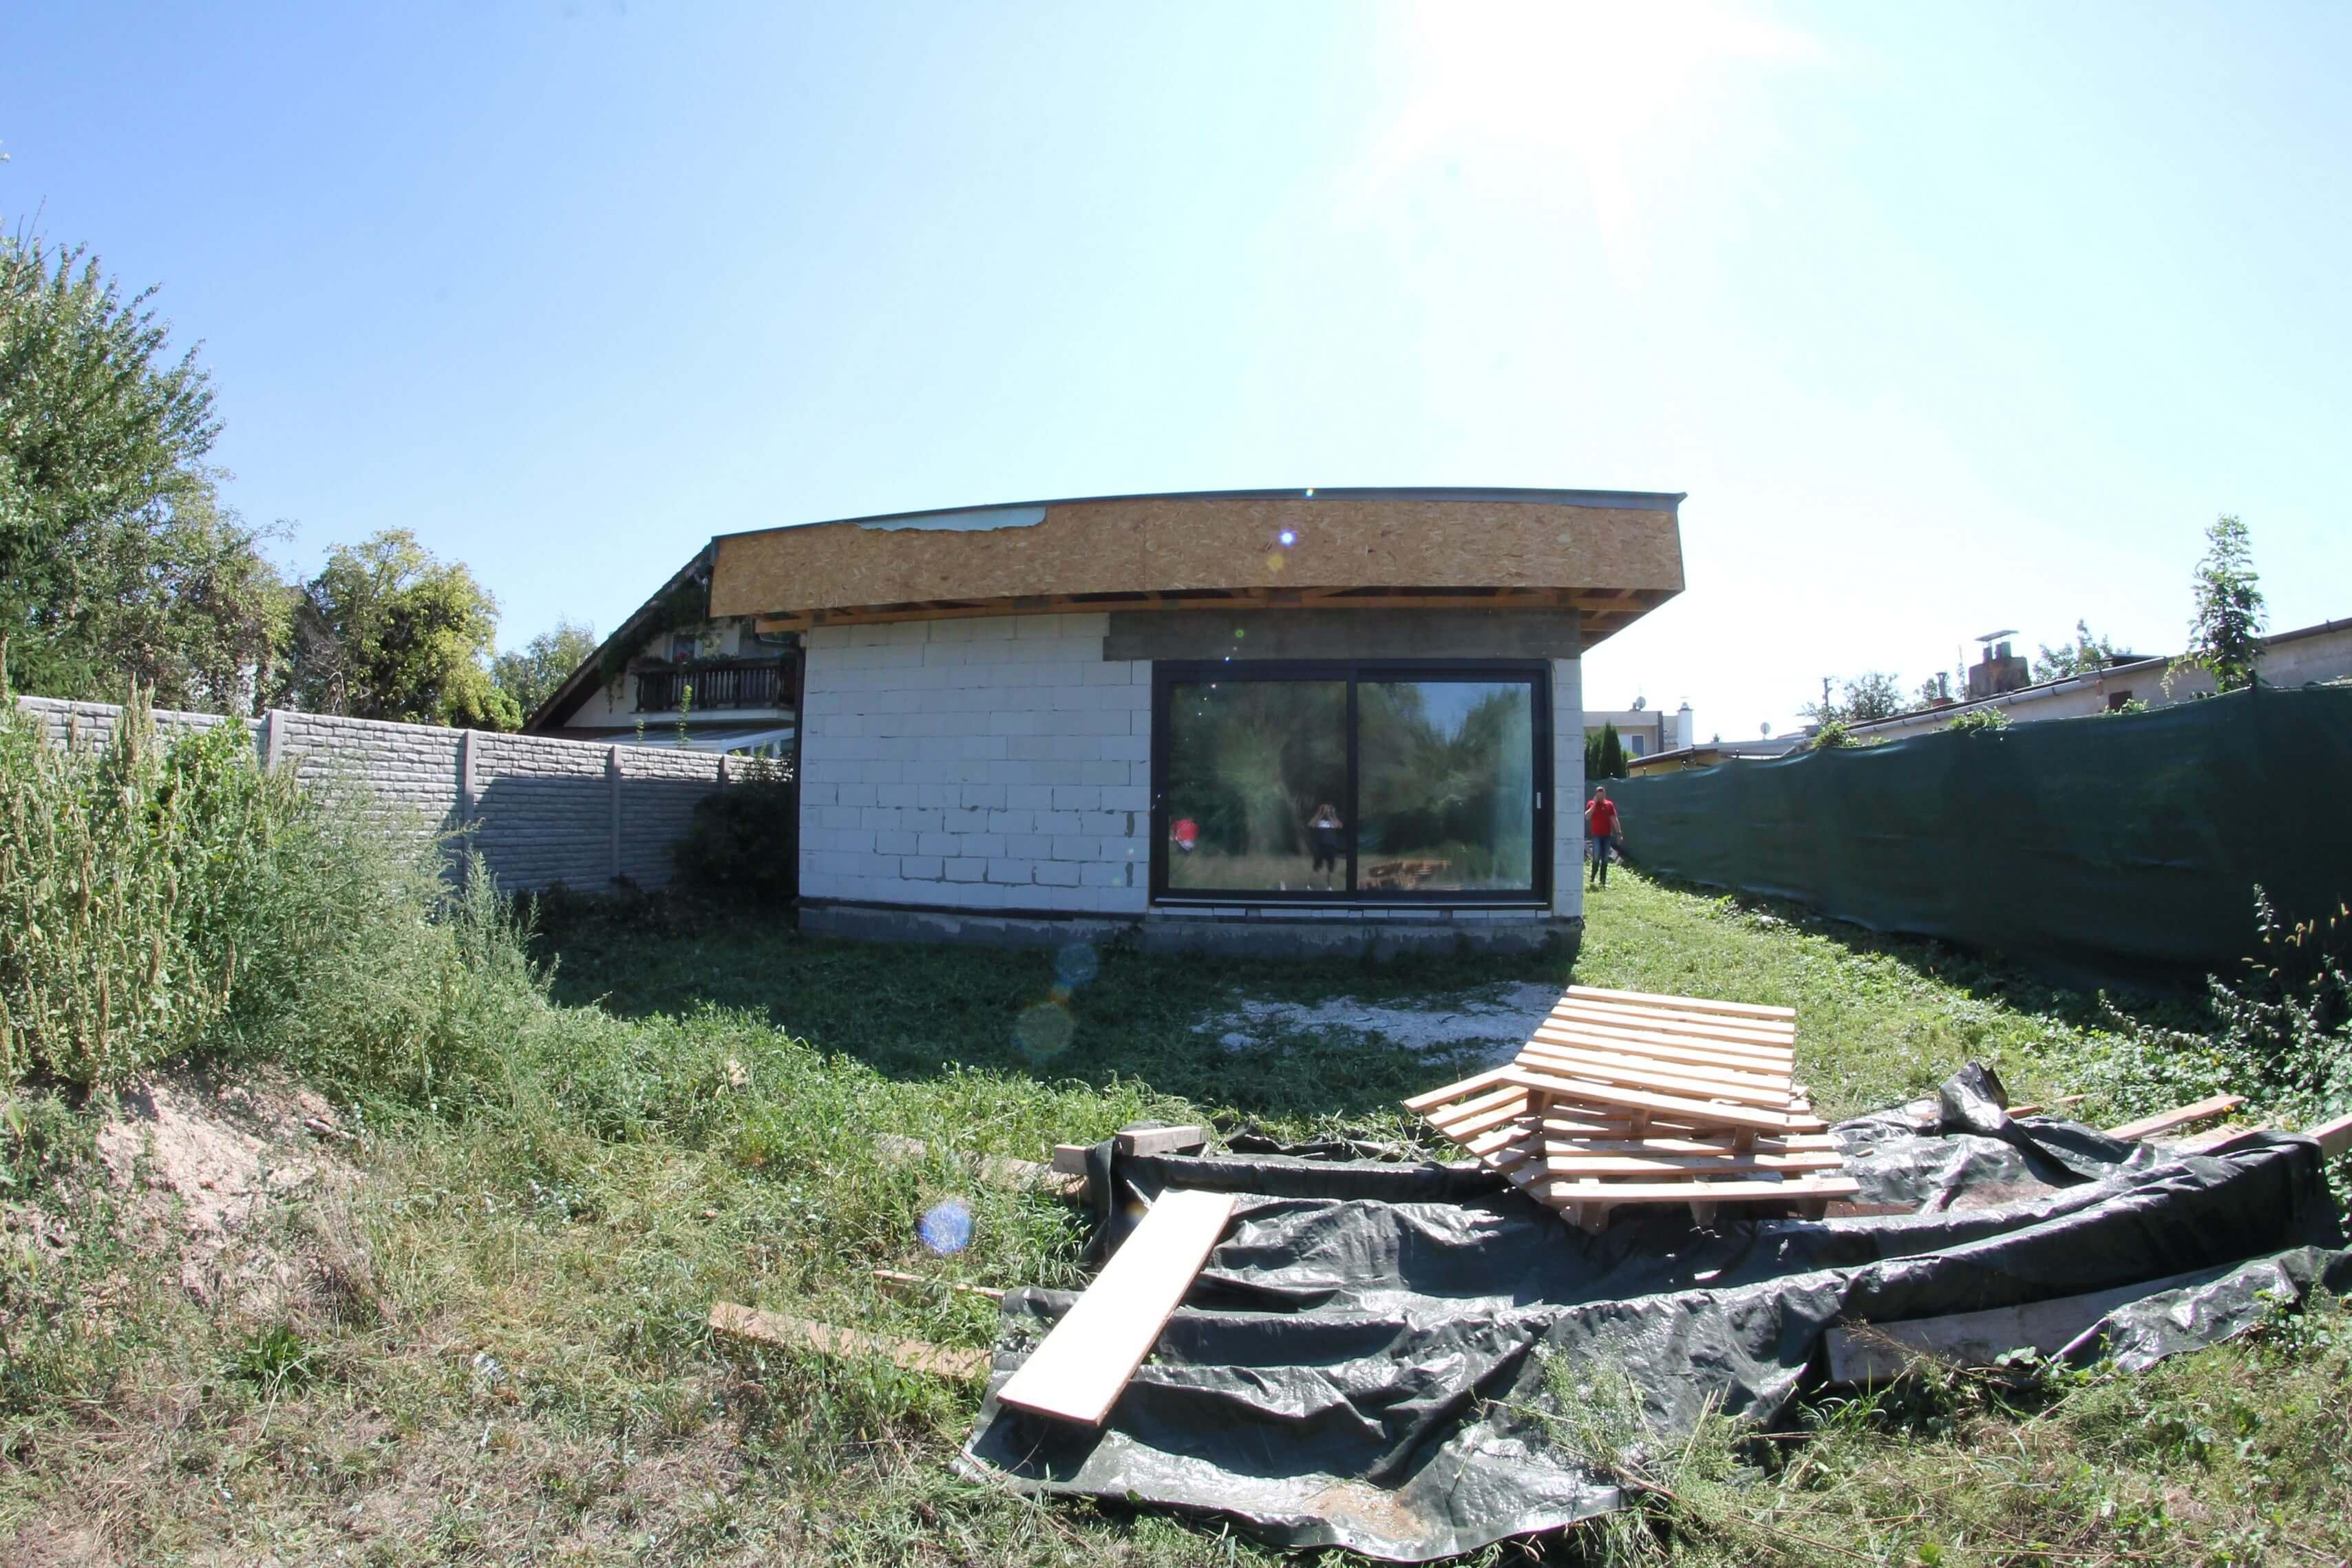 Predané: Predaj nizkoenergetický 4 izbový RD, Bungalov, v Ivanke pri Dunaji časť Farná, úžitková 121m2, pozemok 1038m2-22